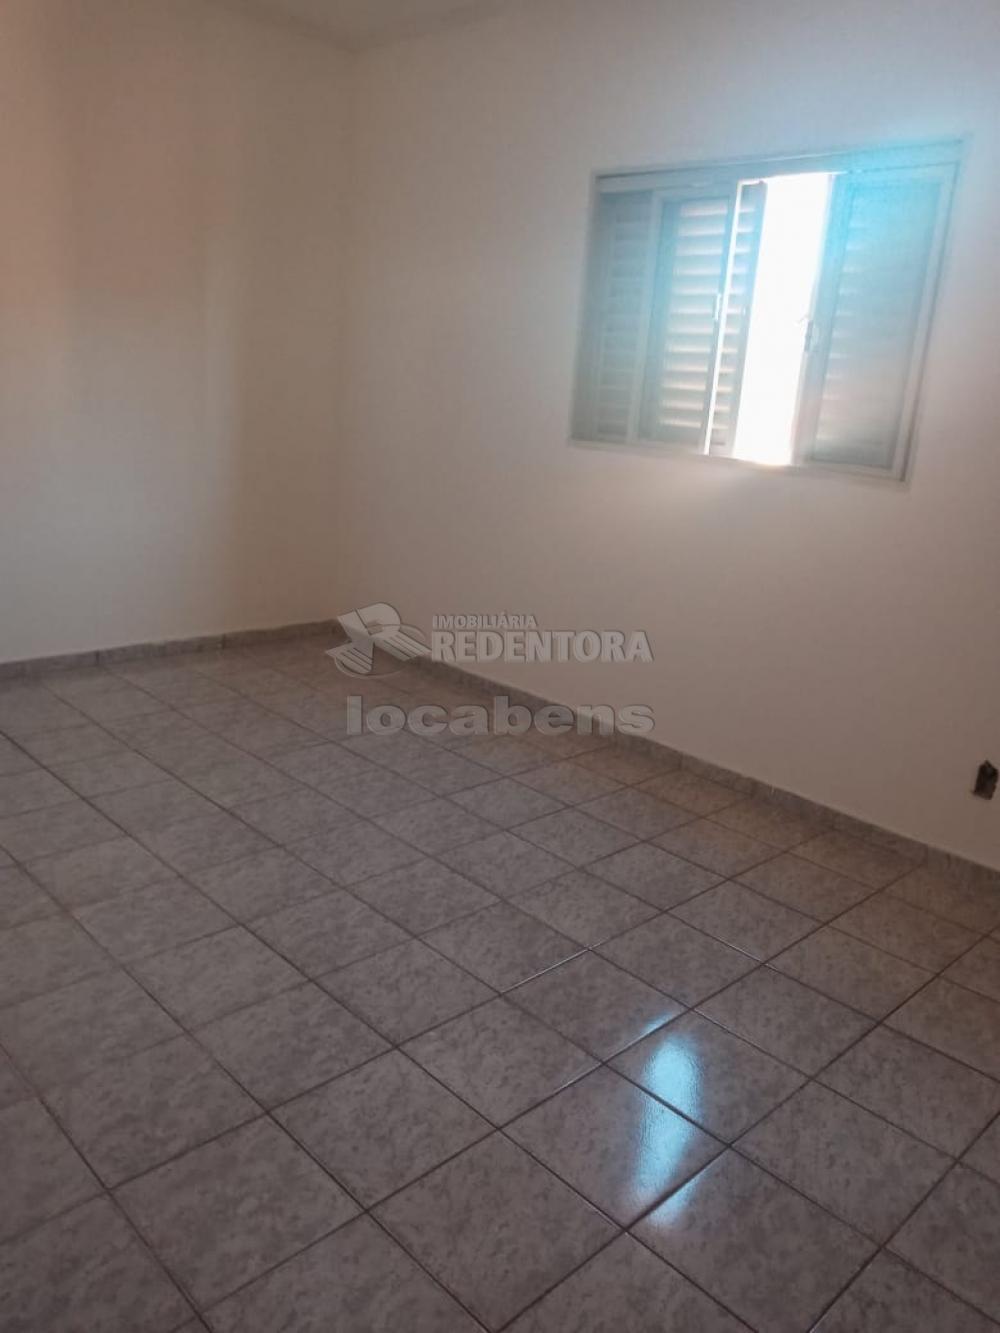 Comprar Apartamento / Padrão em São José do Rio Preto apenas R$ 210.000,00 - Foto 6